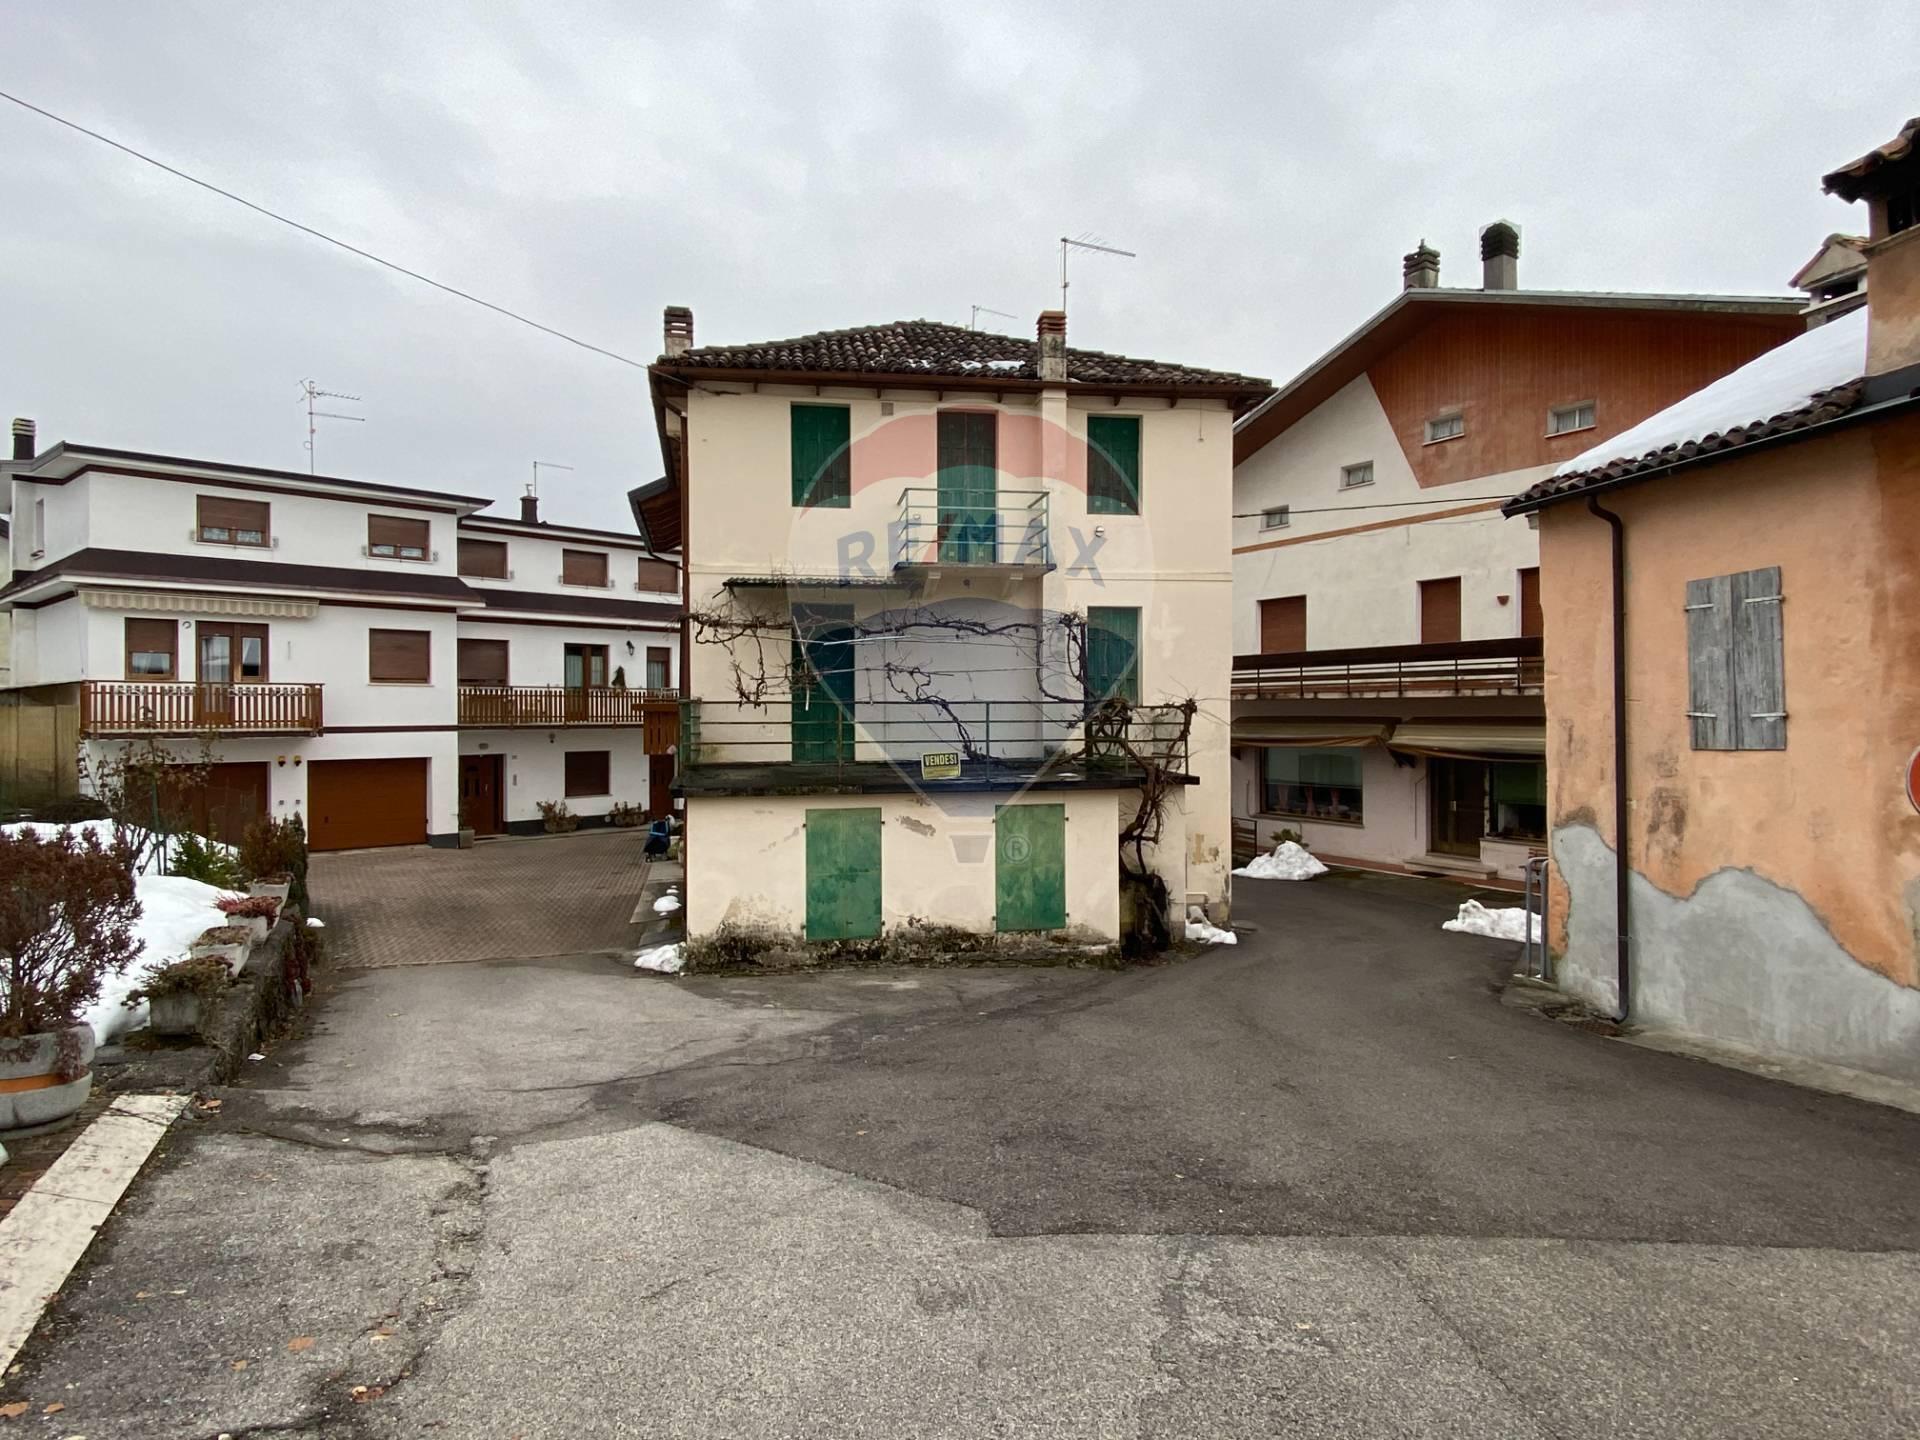 Soluzione Indipendente in vendita a Sospirolo, 9 locali, zona Zona: Maras, prezzo € 60.000 | CambioCasa.it